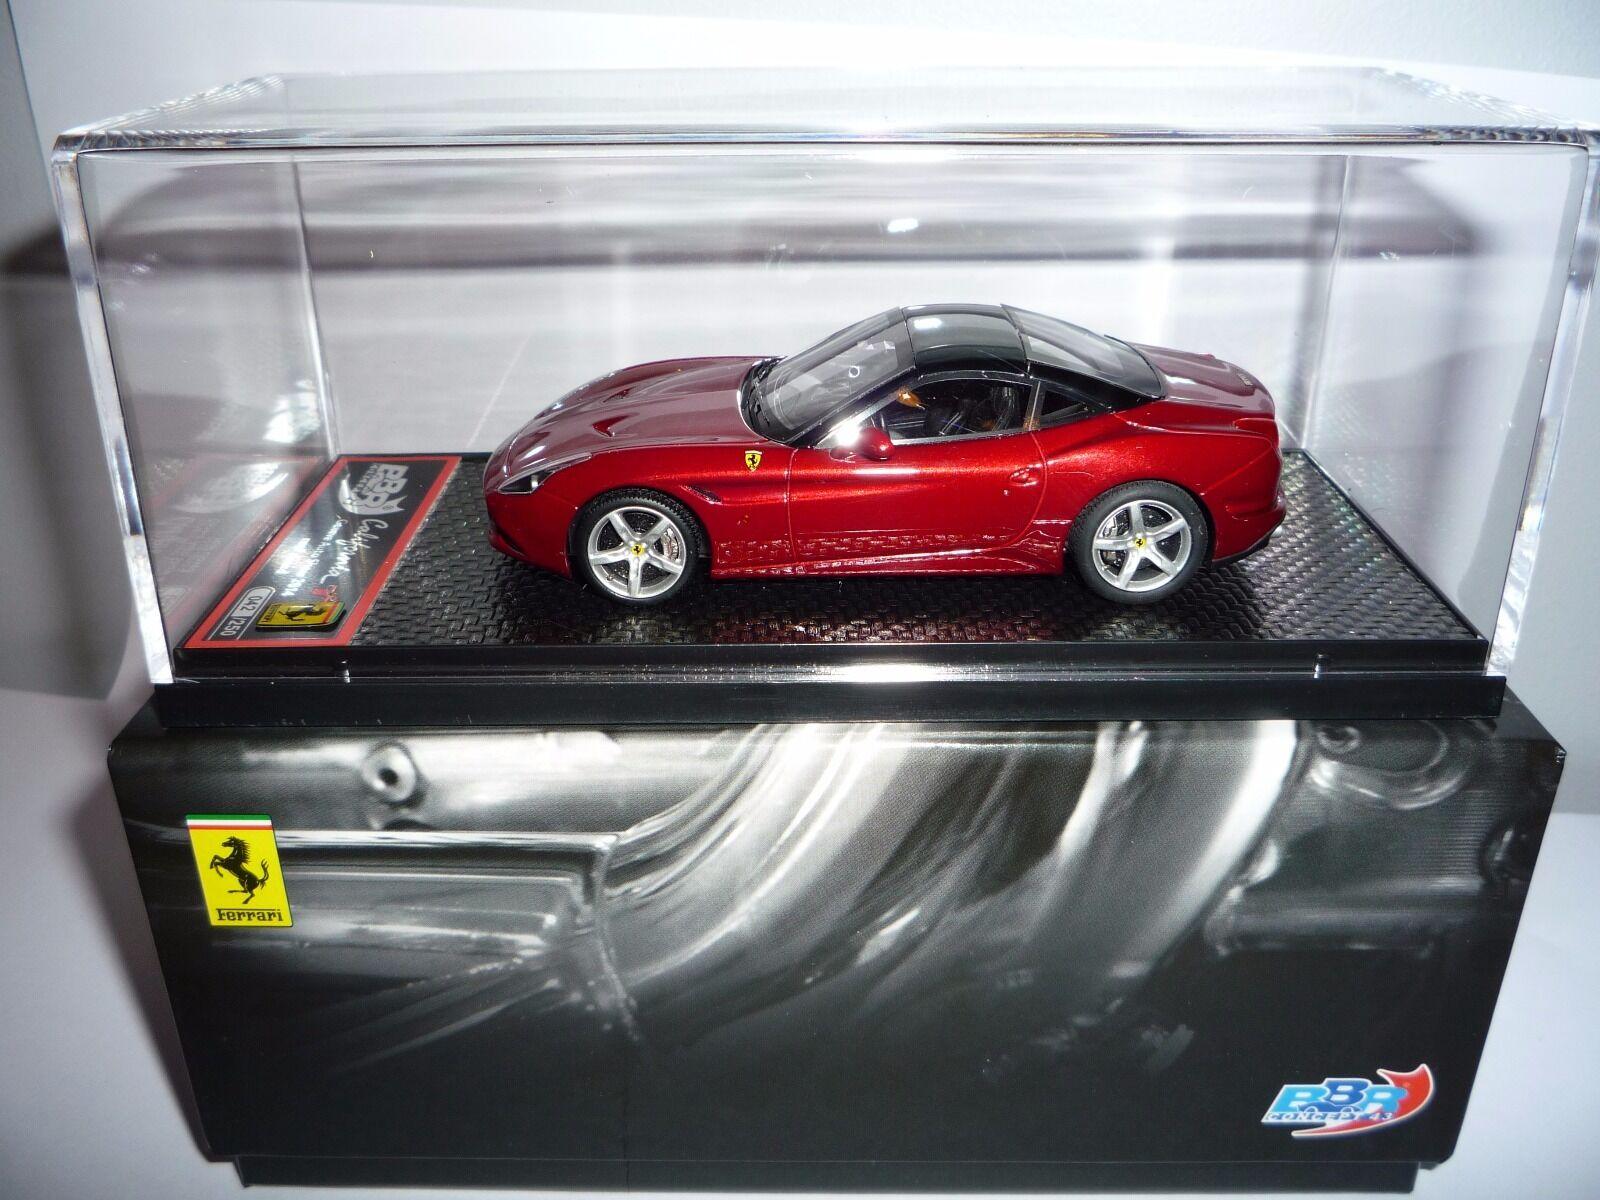 salida de fábrica 1 43 43 43 BBR Ferrari California T Geneve Auto Show 2014 - BBRC140 - Limited 250 Pcs  ahorra hasta un 30-50% de descuento